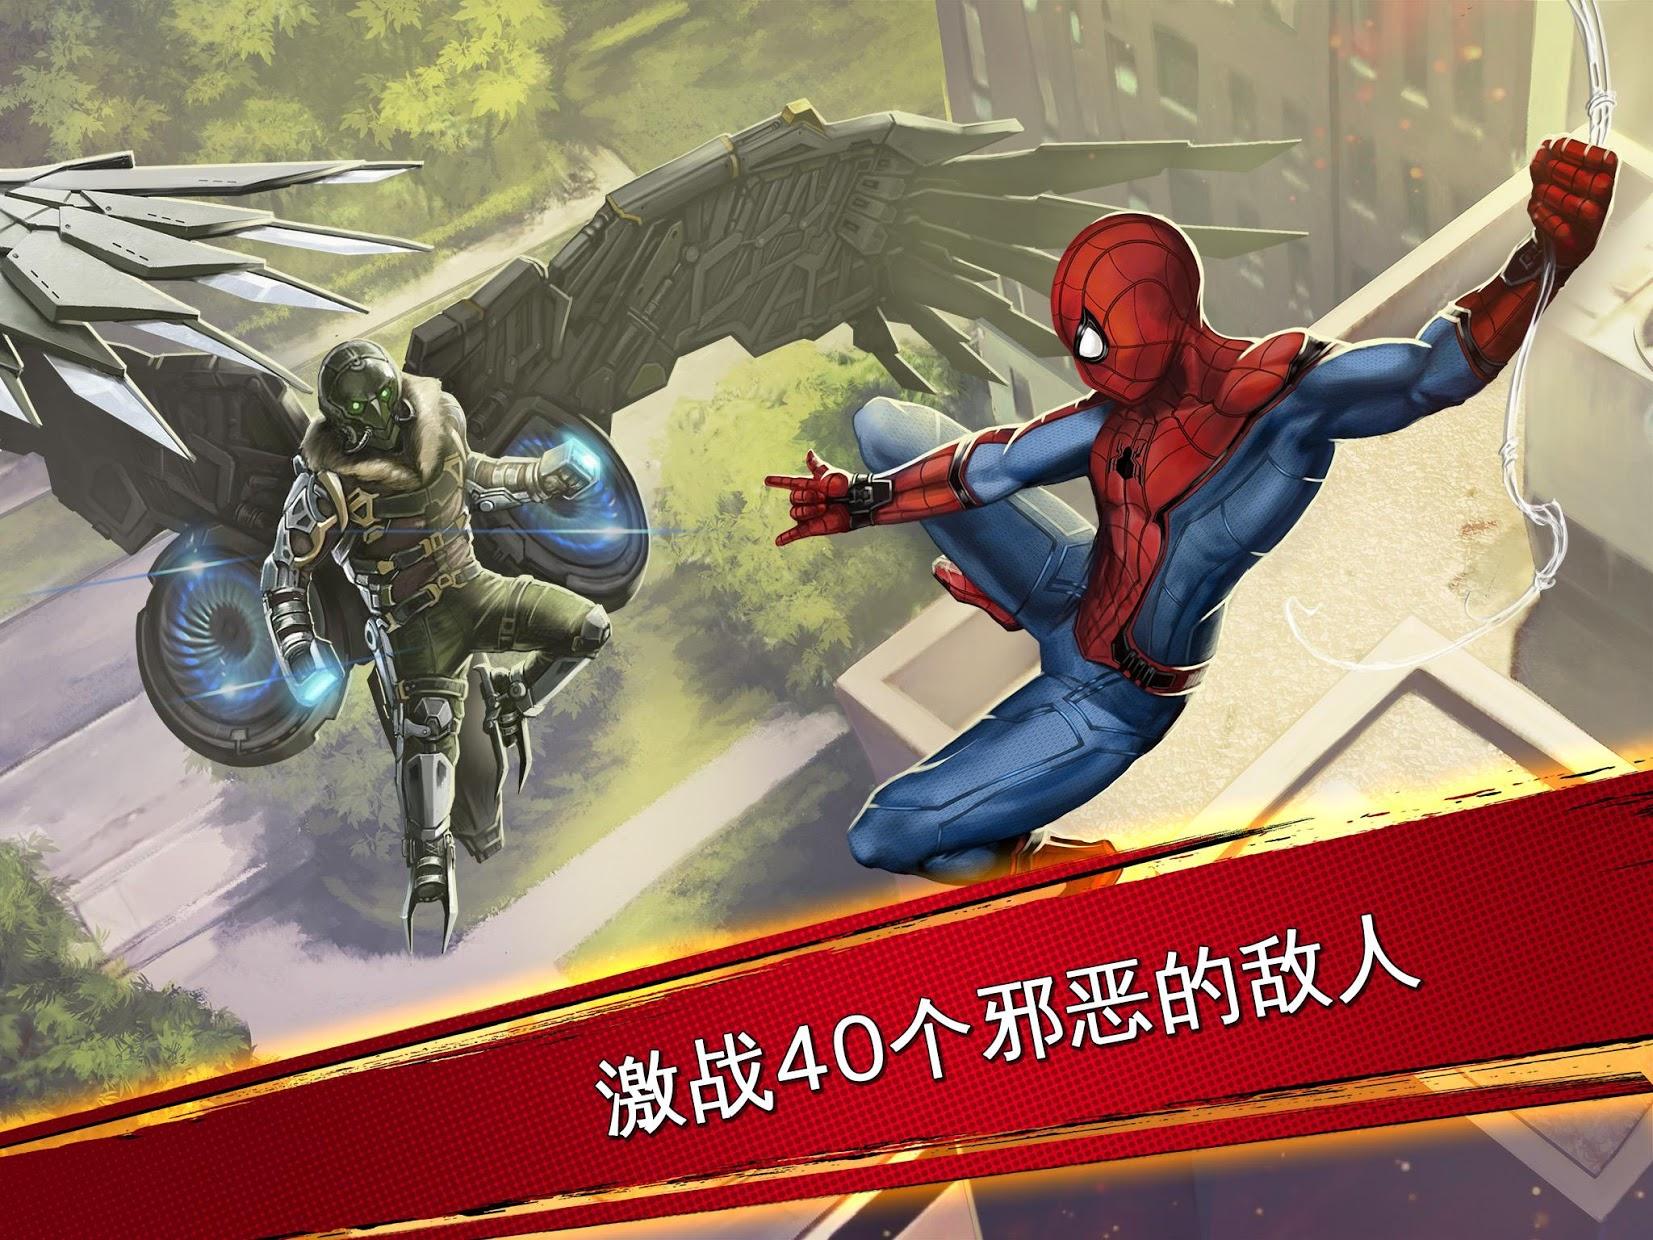 蜘蛛侠:极限 游戏截图4